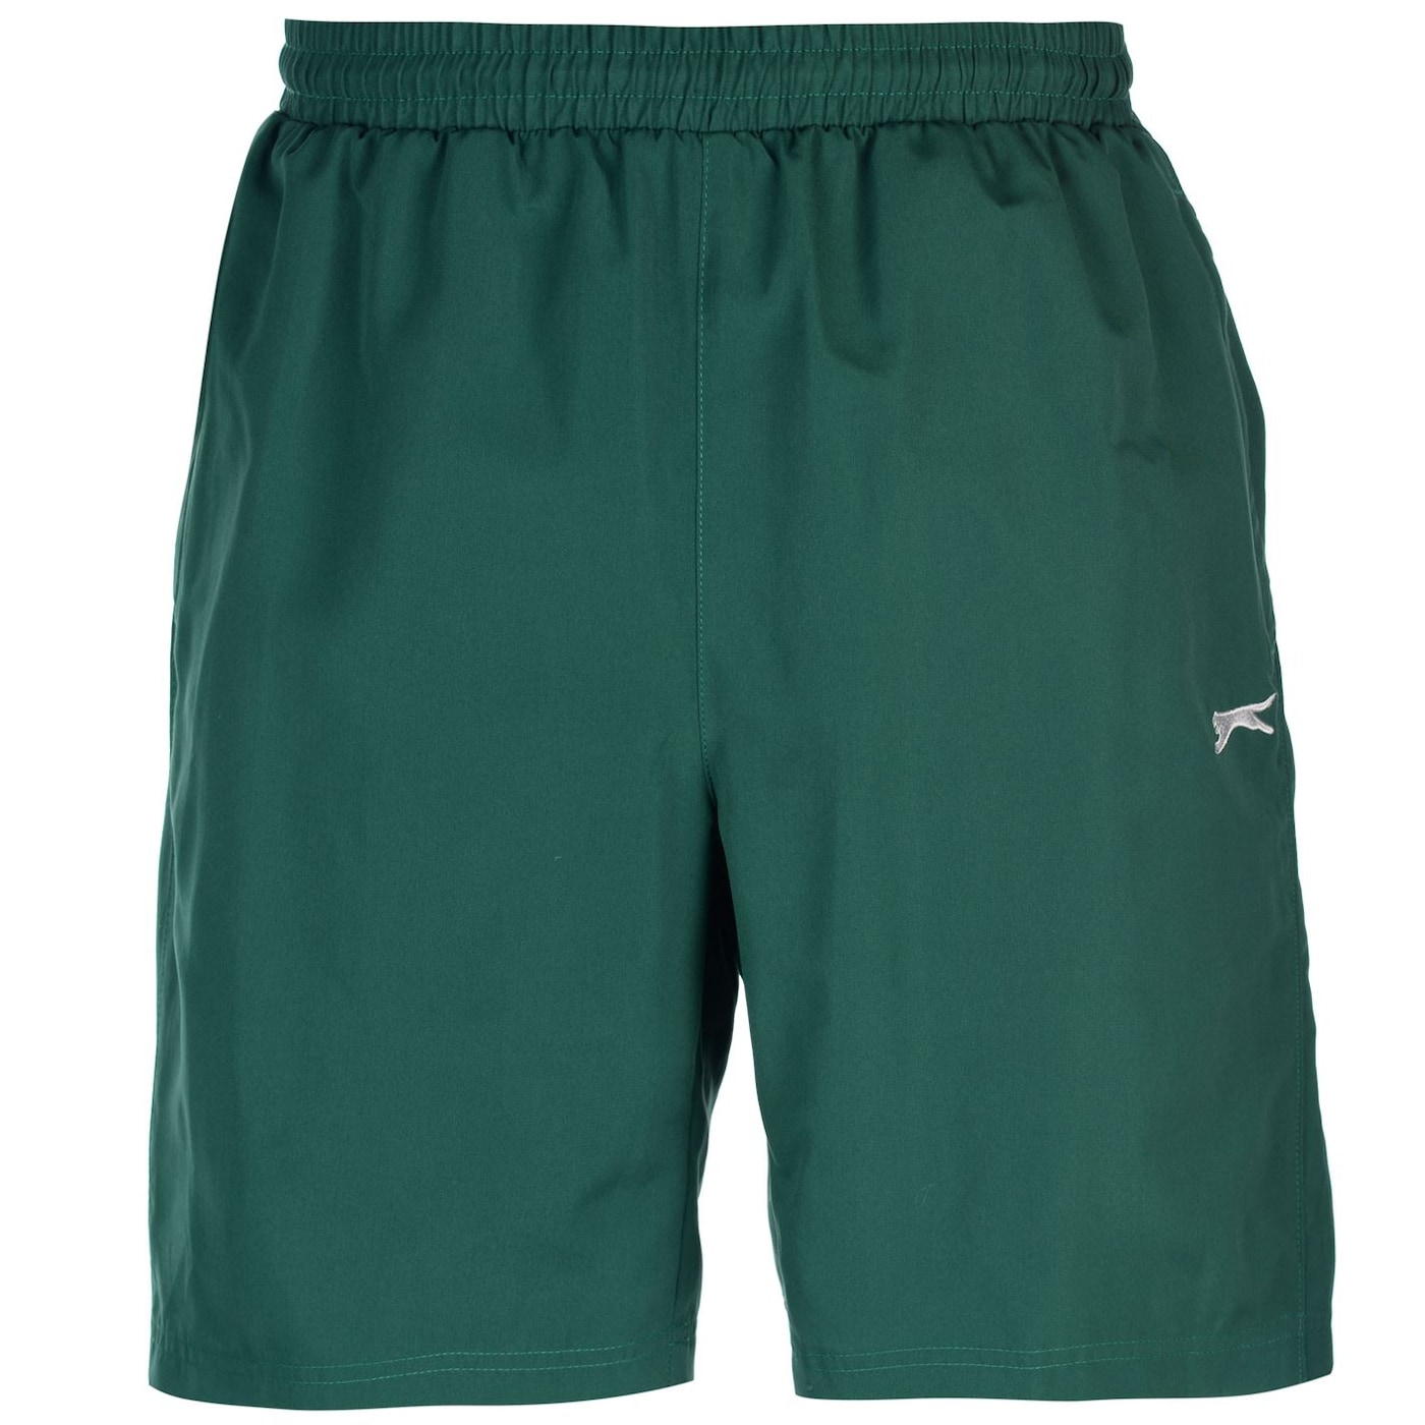 Slazenger Woven Shorts Mens